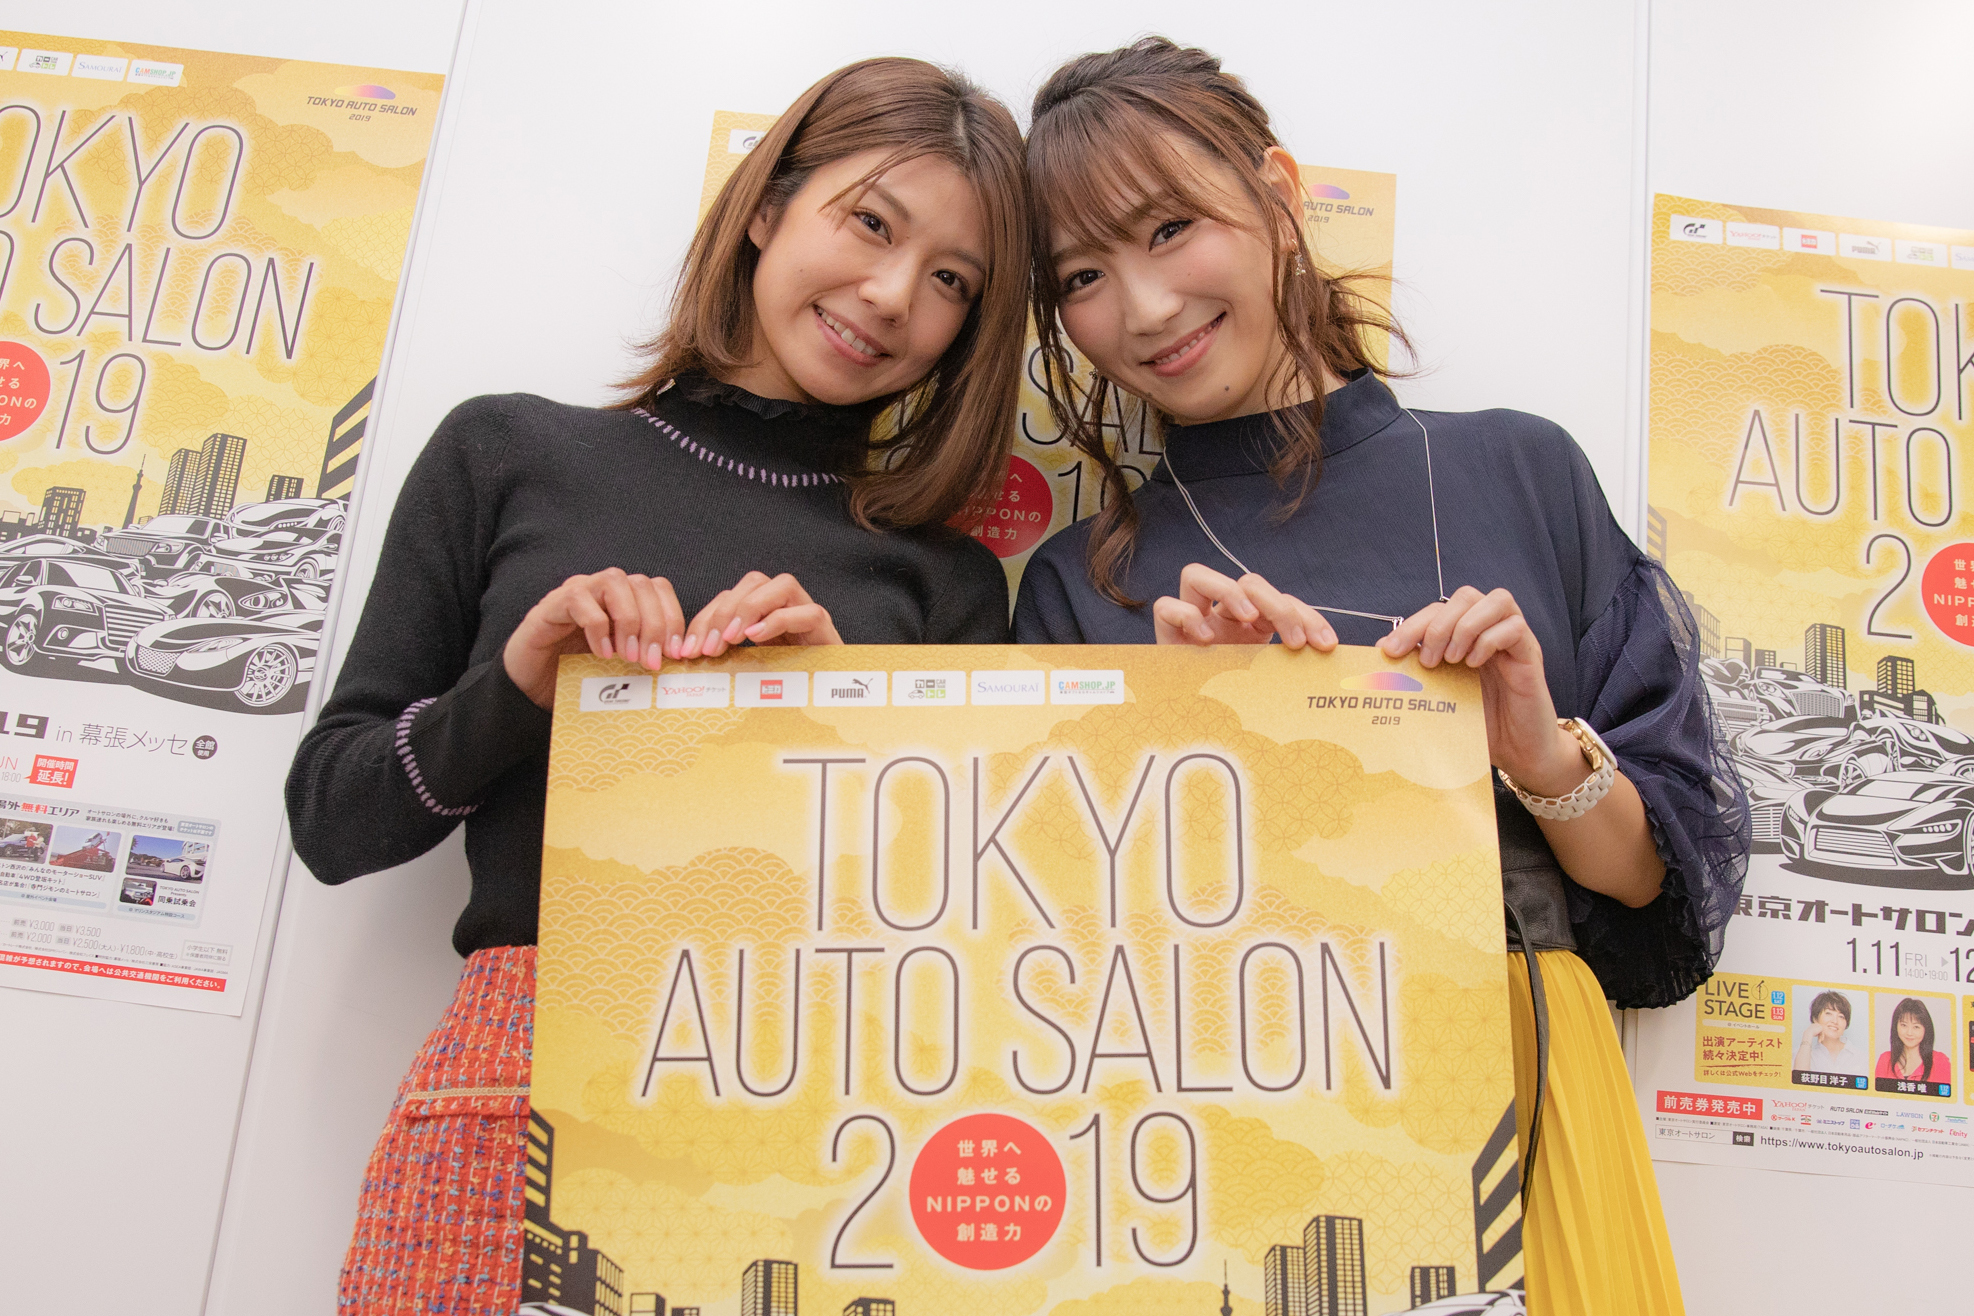 東京オートサロンの魅力をたっぷりと語ってくれた藤木由貴さんと渡辺順子さん